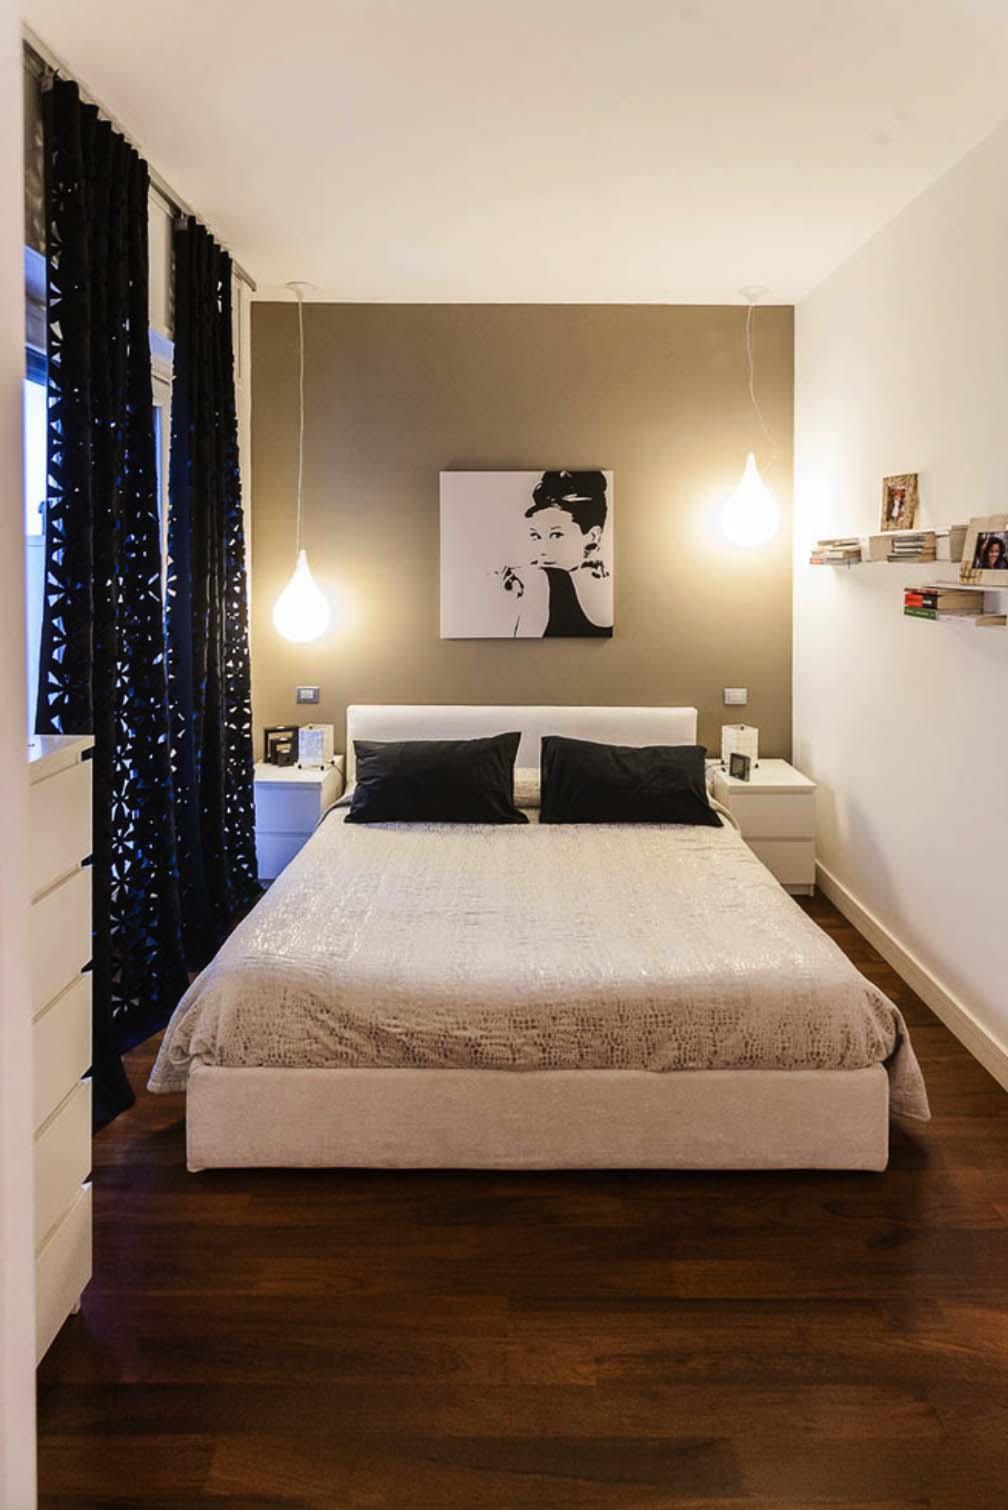 30+ Small yet amazingly cozy master bedroom retreats on Small Bedroom Ideas  id=92275